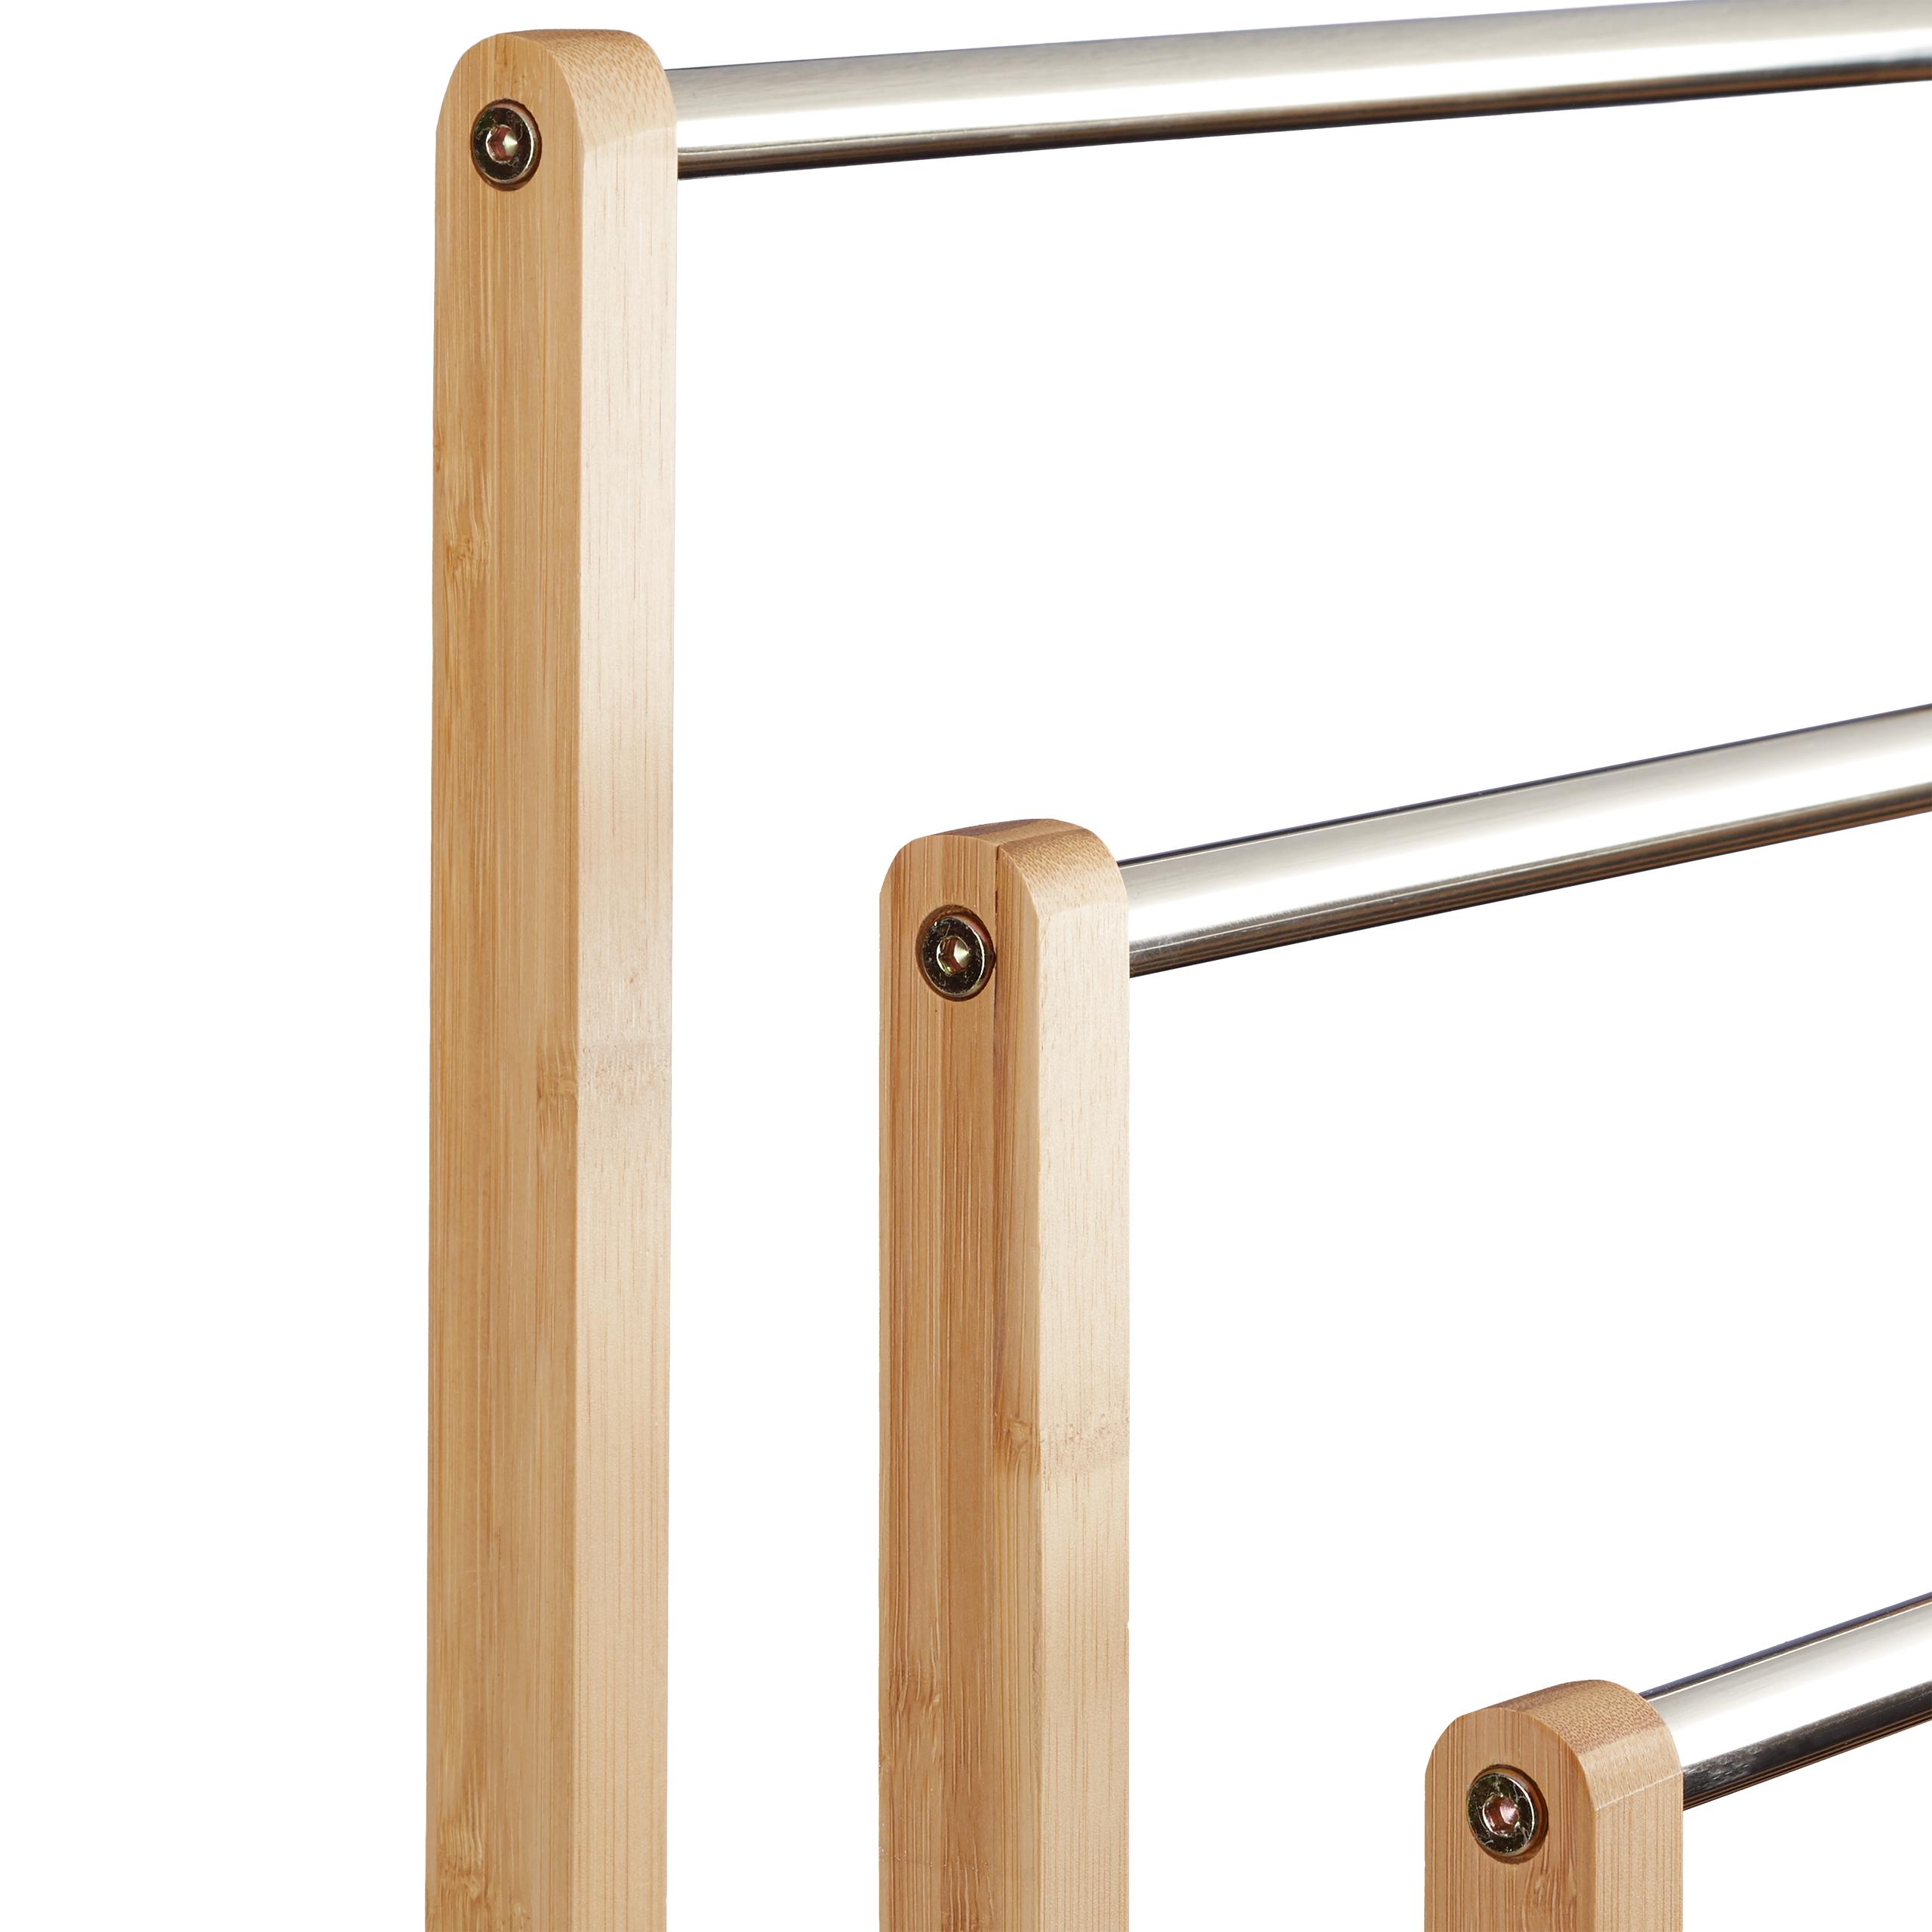 Handtuchhalter Stehend Bambus Badhalter Dreiarmig Handtuchstangen